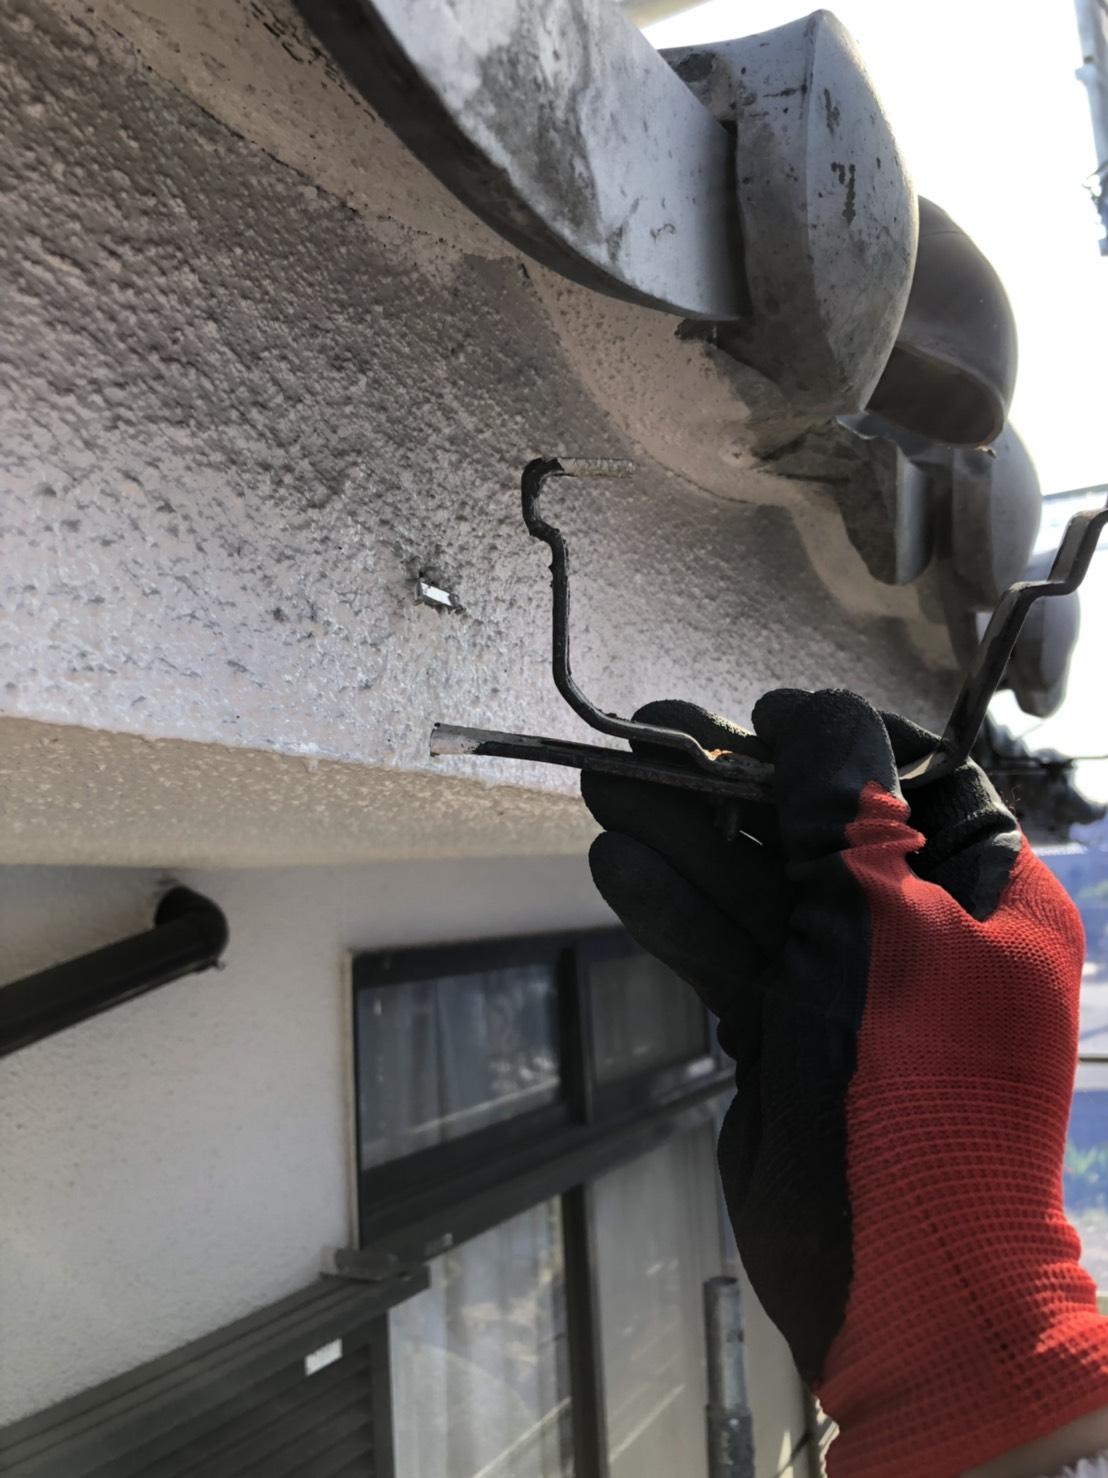 三木市での雨樋交換で受け金具を撤去した様子